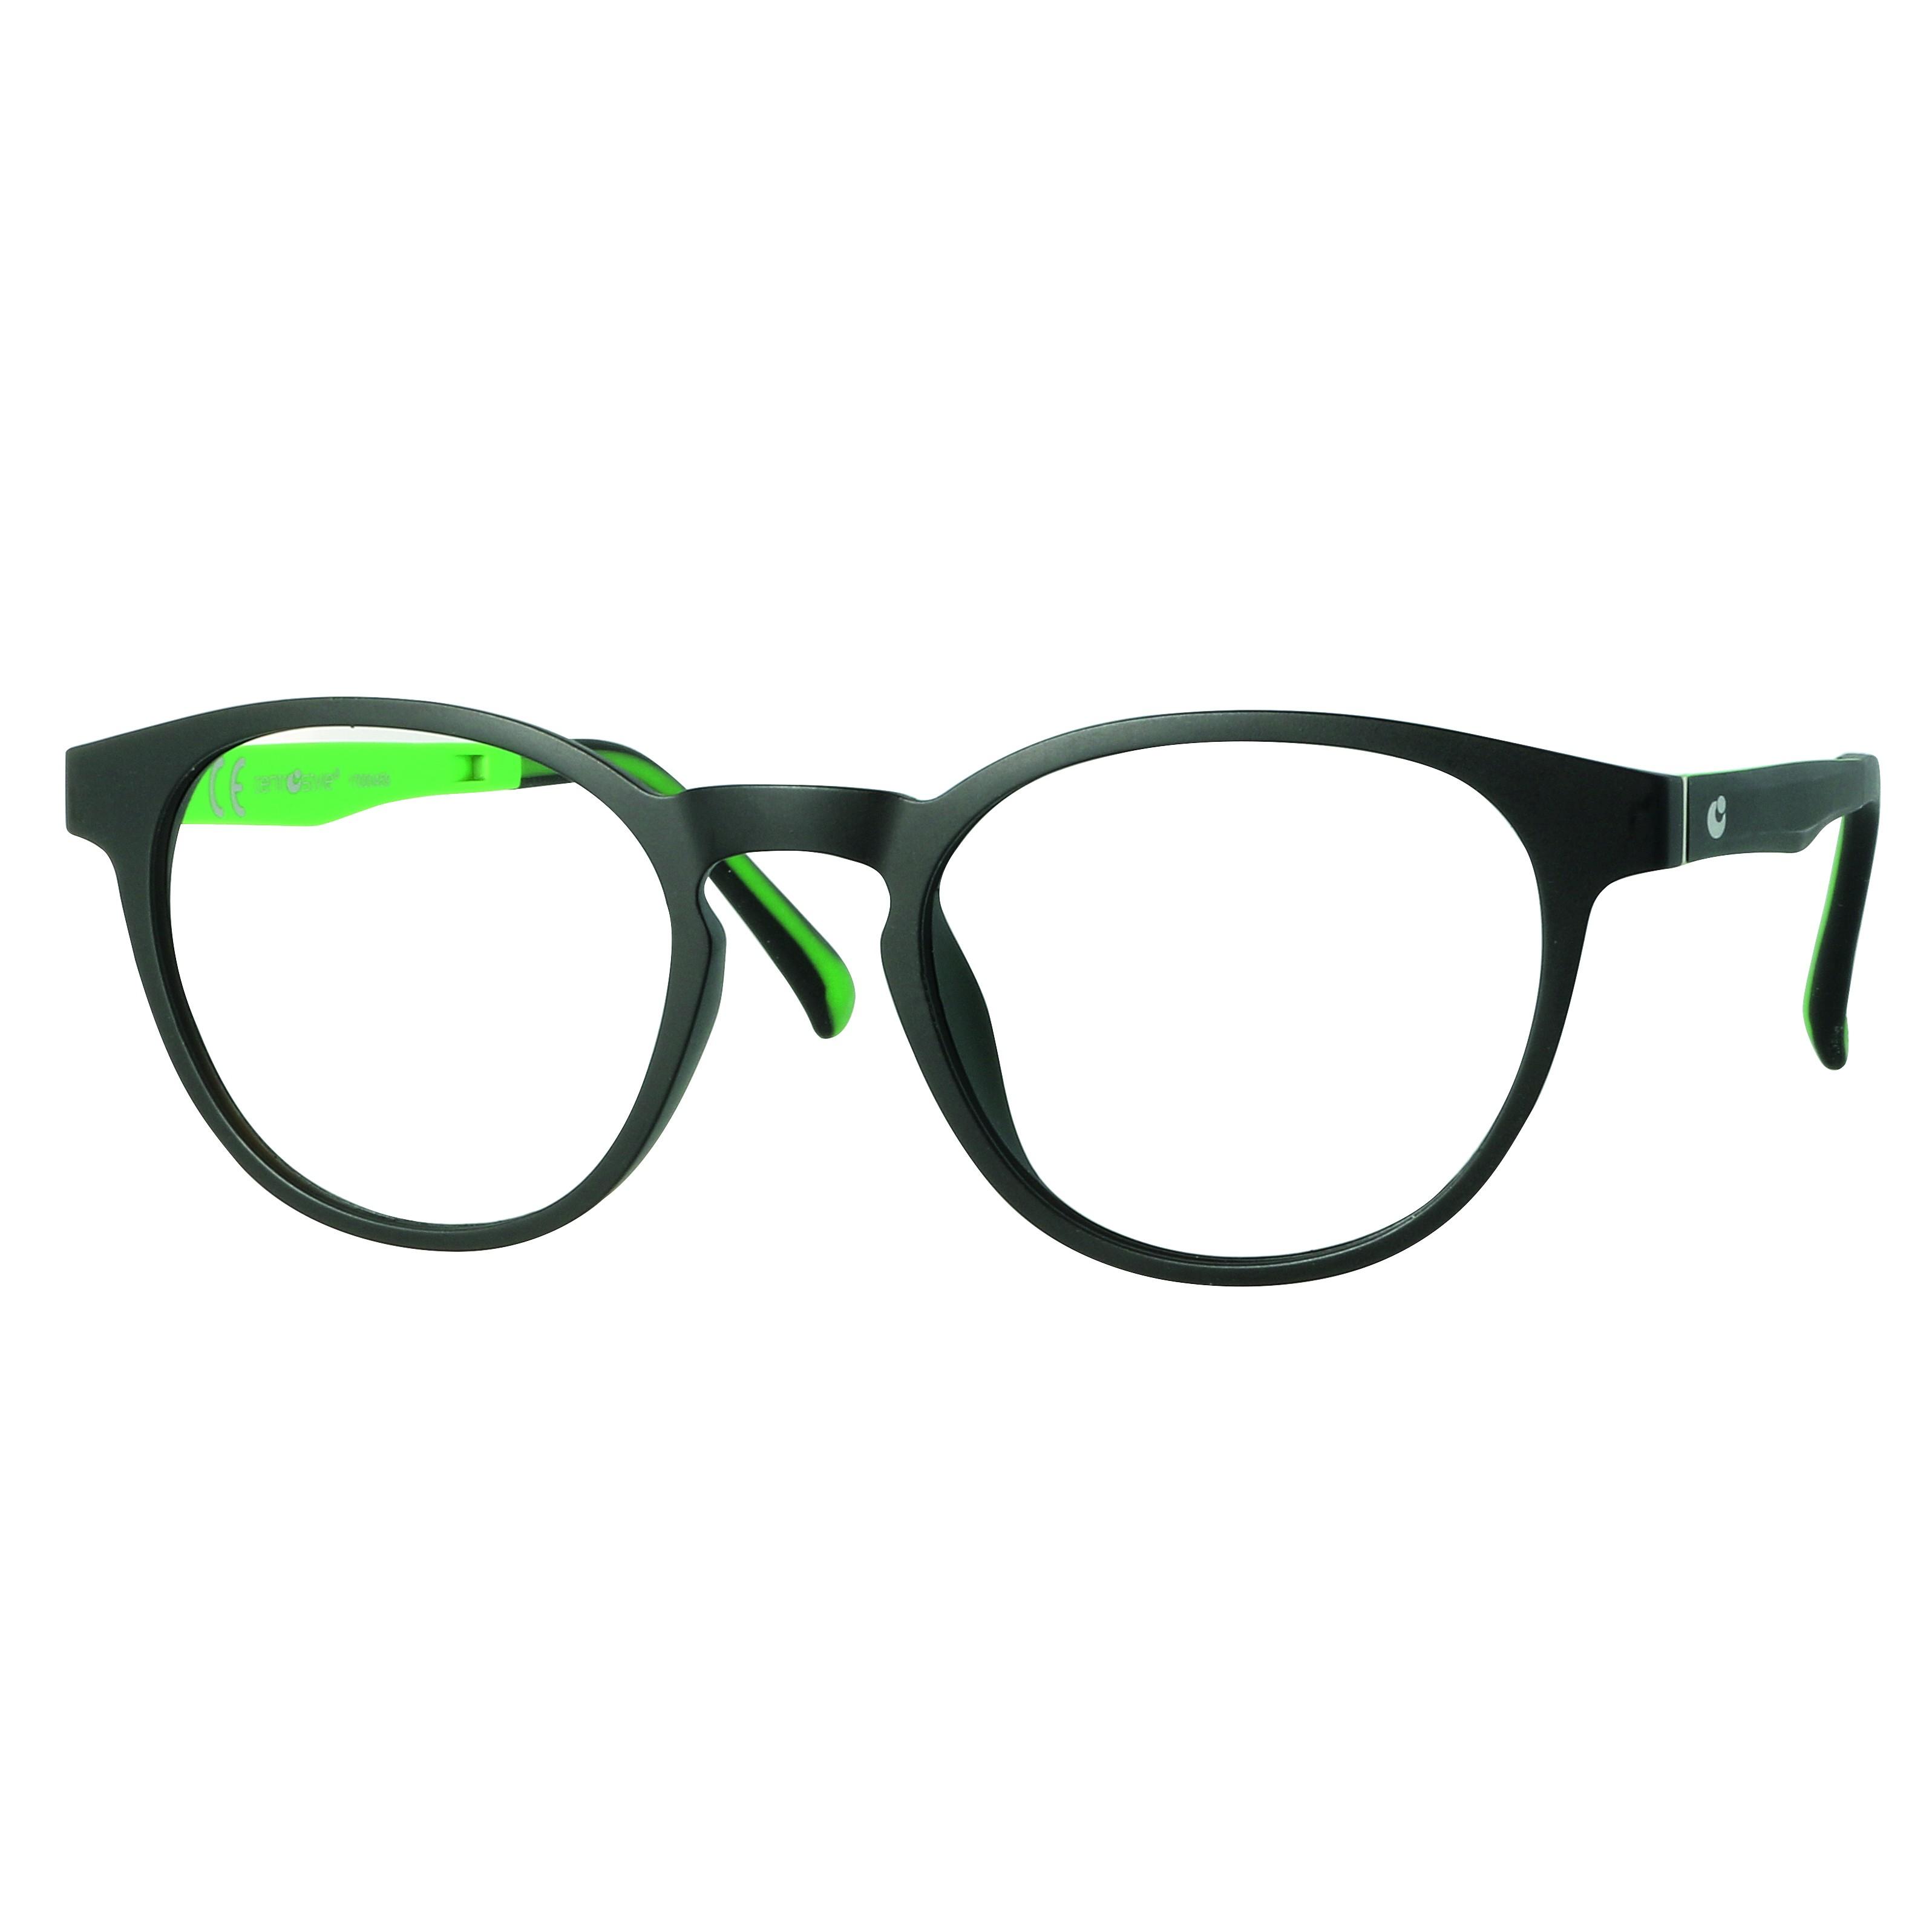 Monture Ultem mat noir vert avec clip solaire polarisé - CLSO e5b18aa4c637